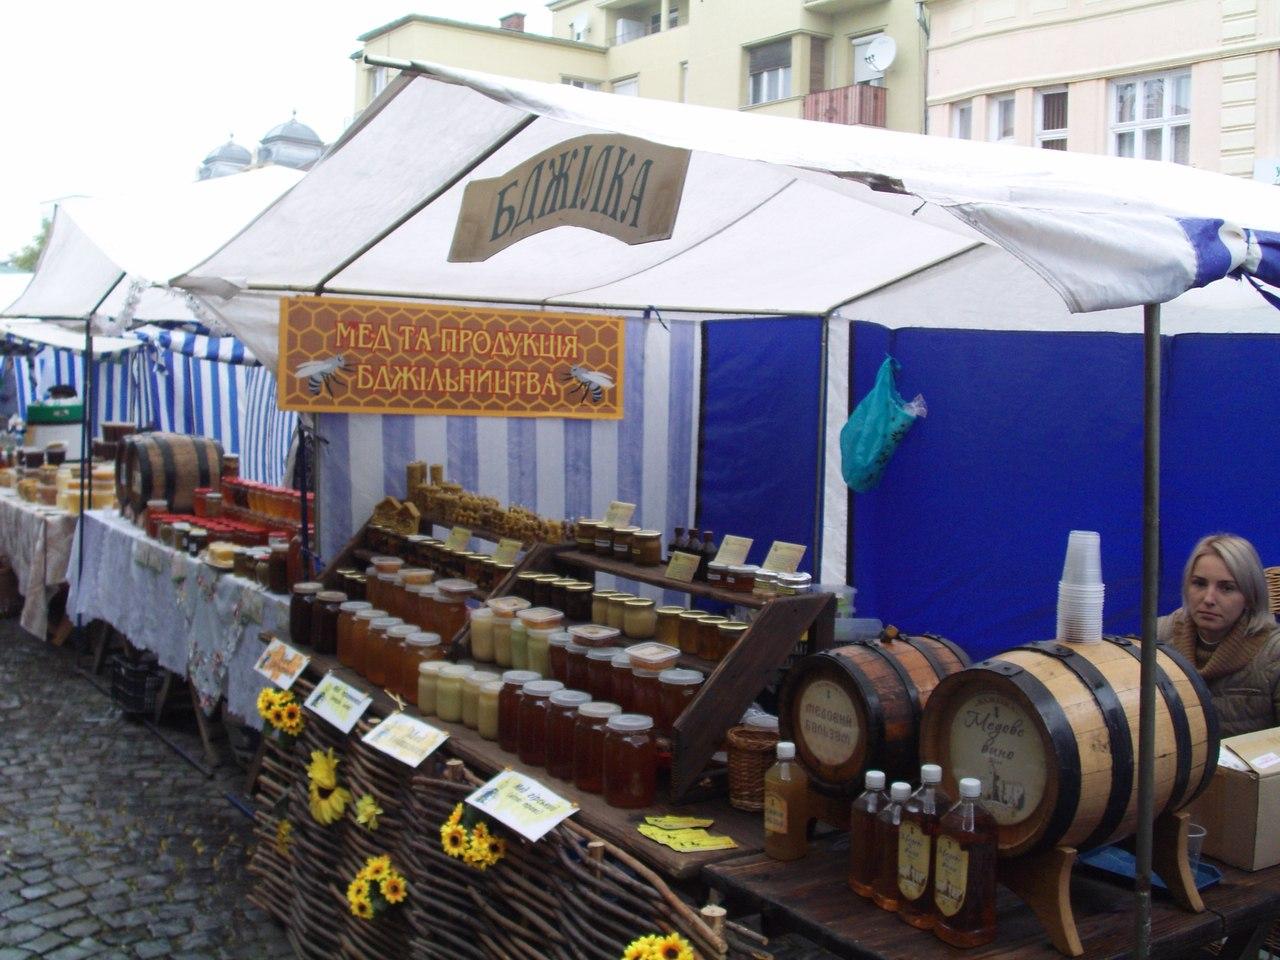 Мукачево фестиваль меду